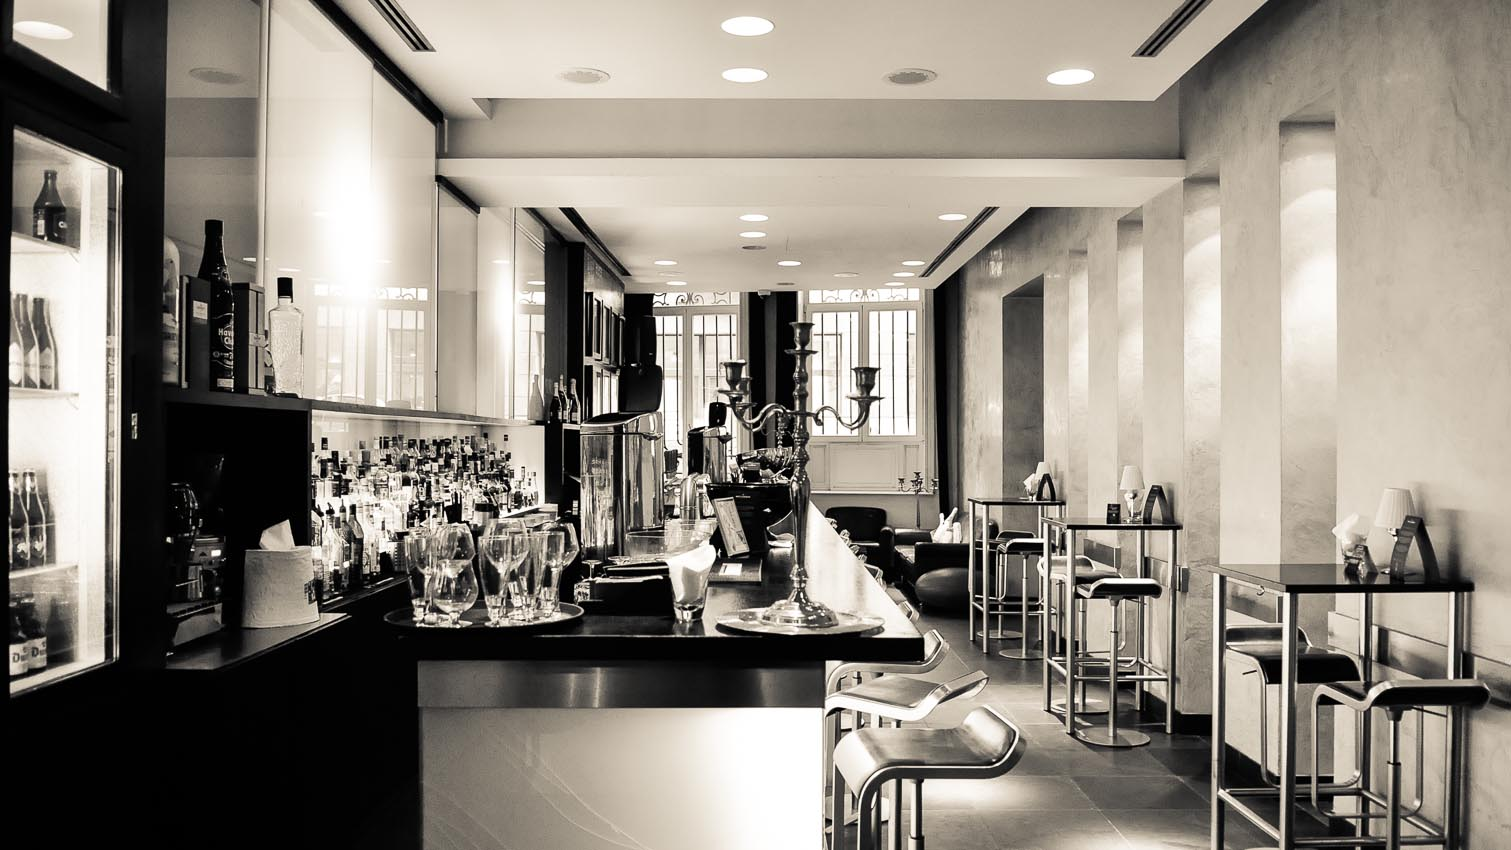 04-cafe-bar-resto-nightclub-decors-film-cinema-photo-belgium-bruxelles